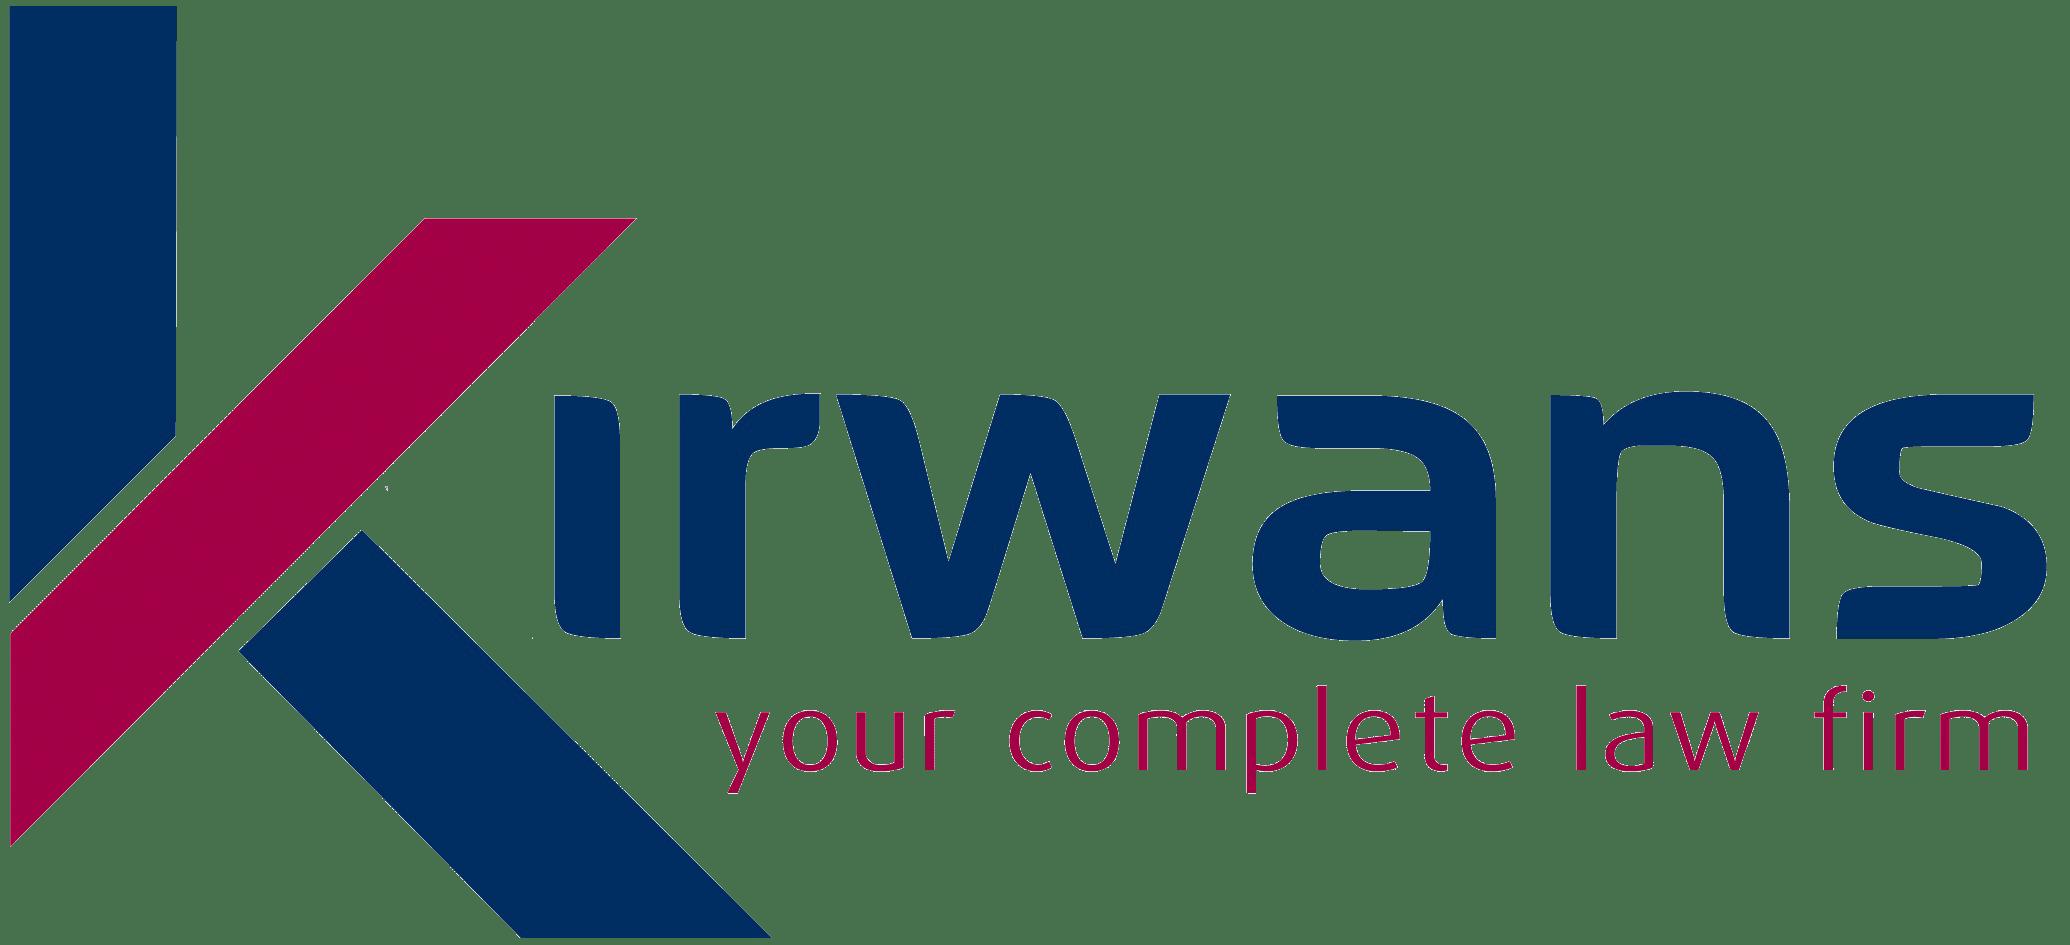 Kirwans solicitors logo.